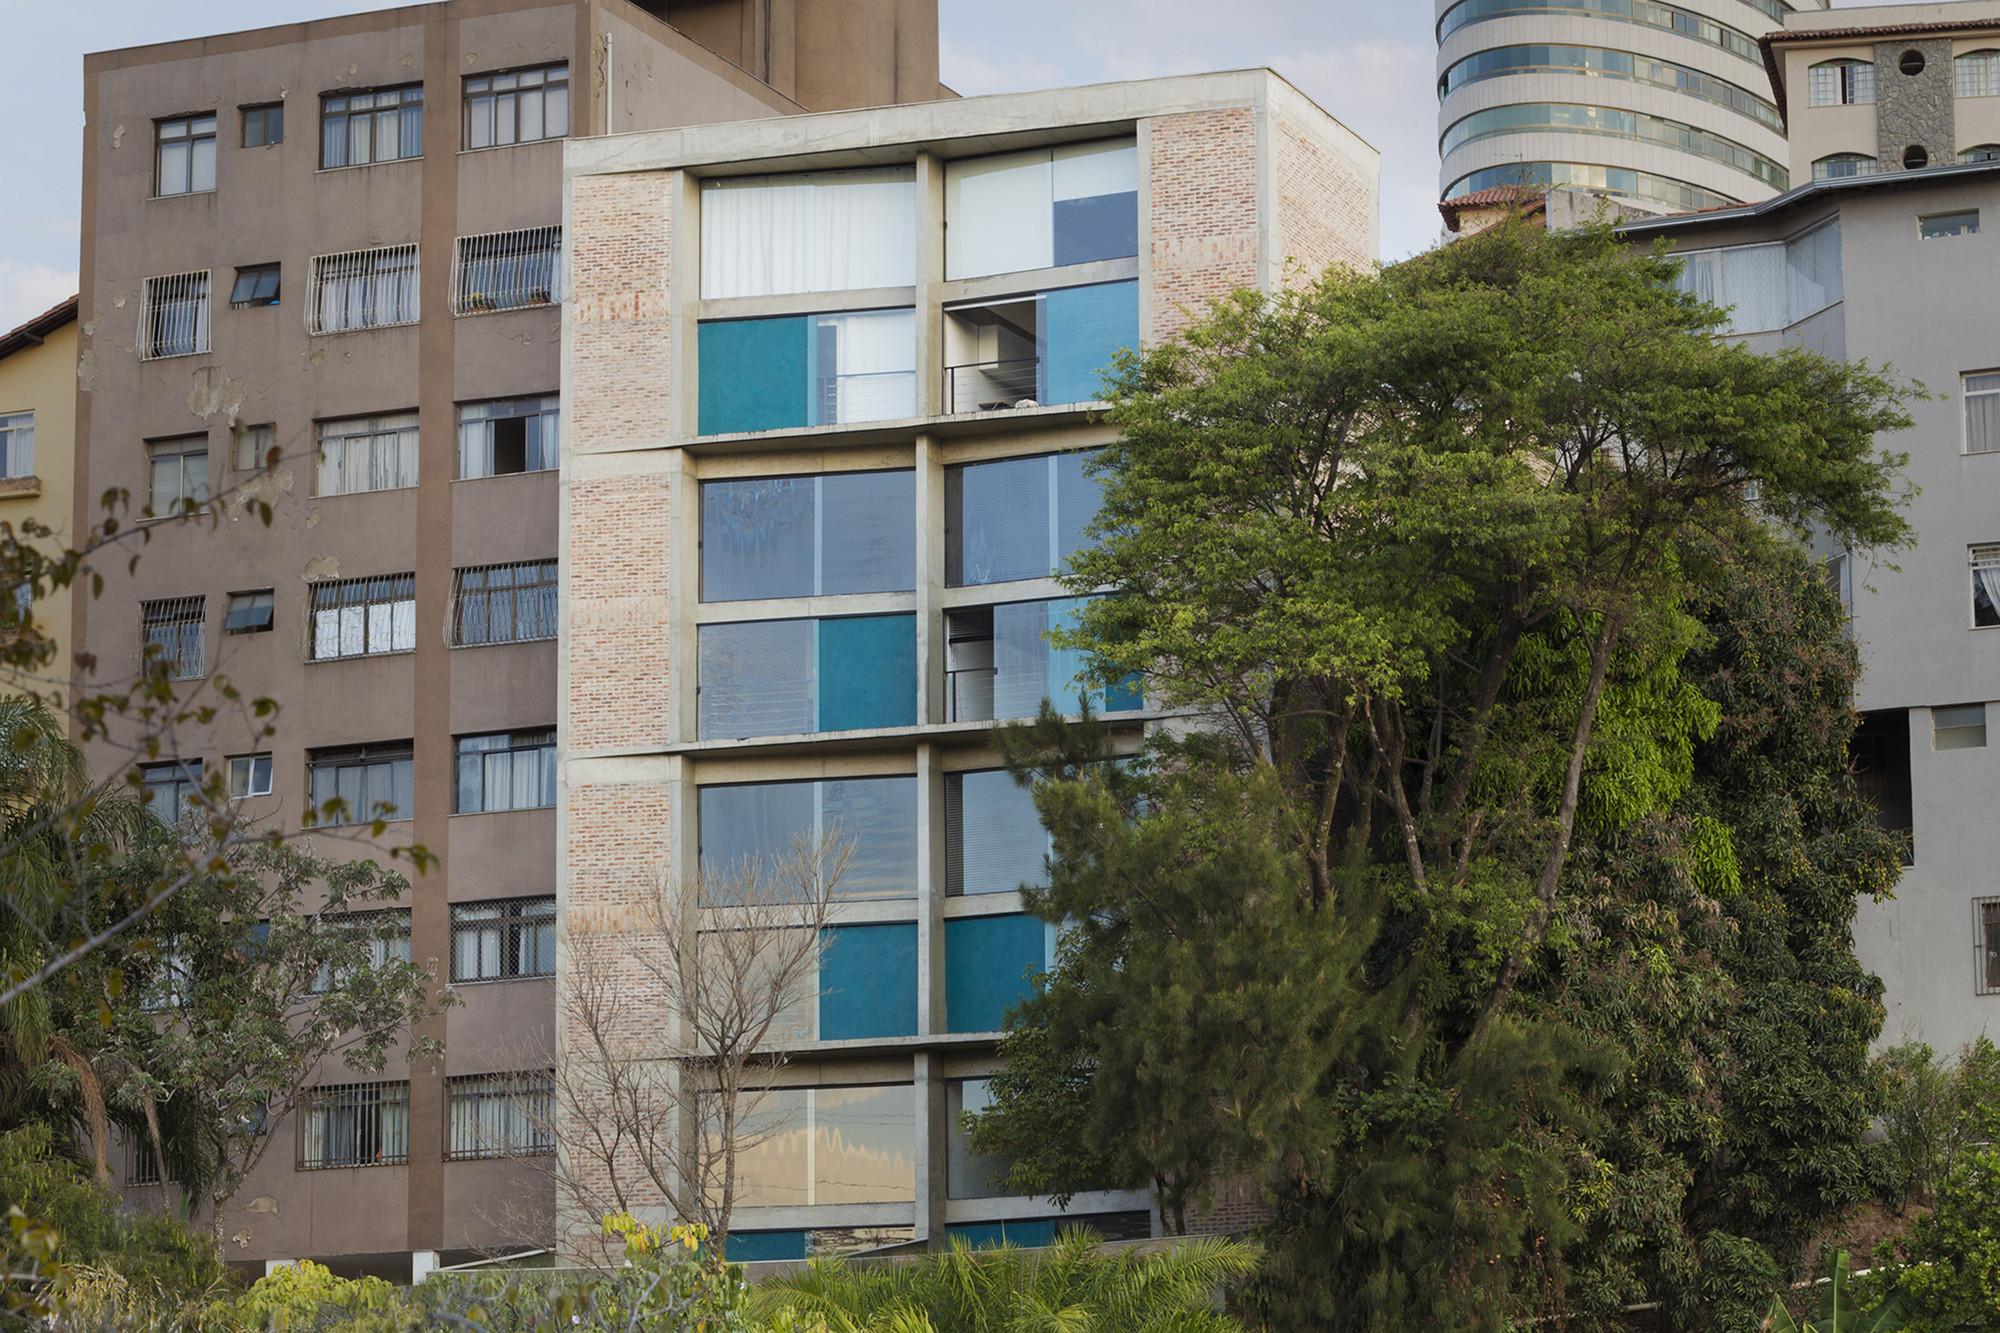 Estudios Arrudas / Arquitetos Associados, © Gabriel Castro